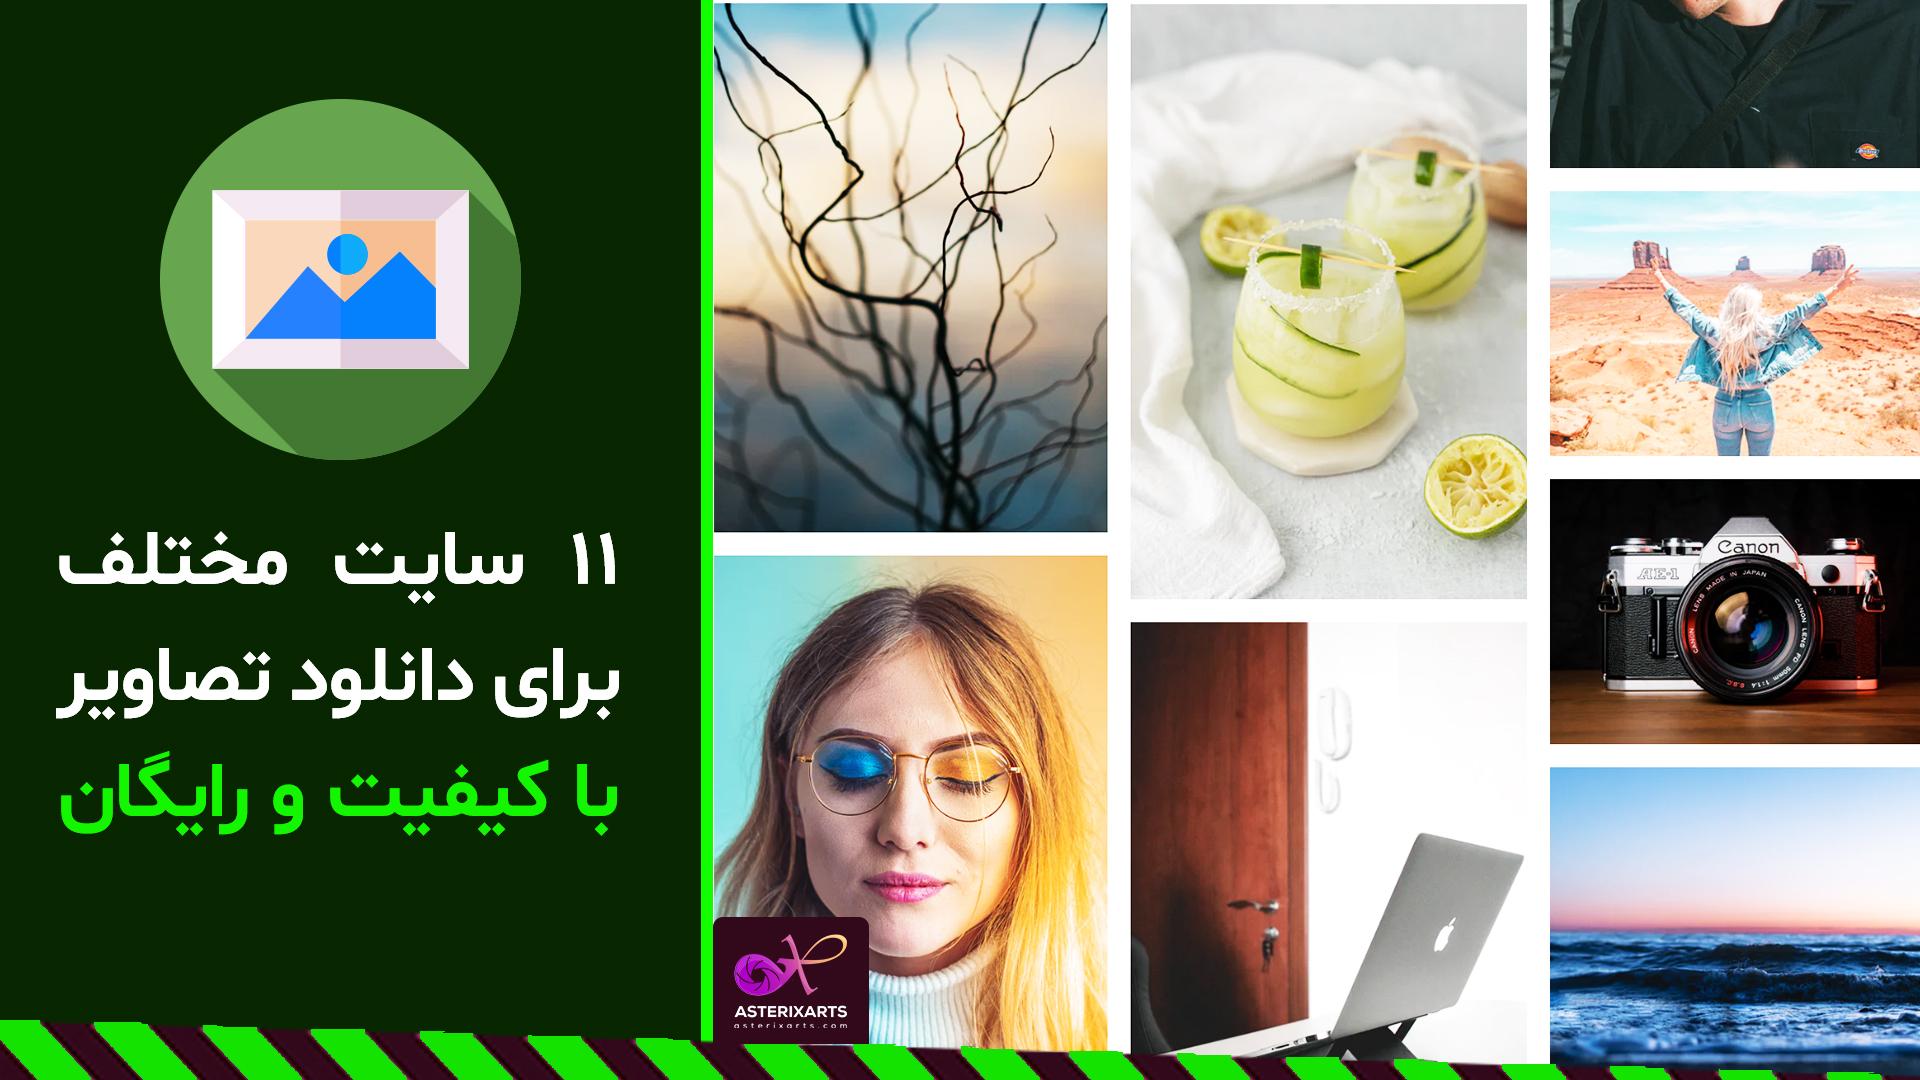 11 سایت مختلف برای دانلود تصاویر با کیفیت و رایگان